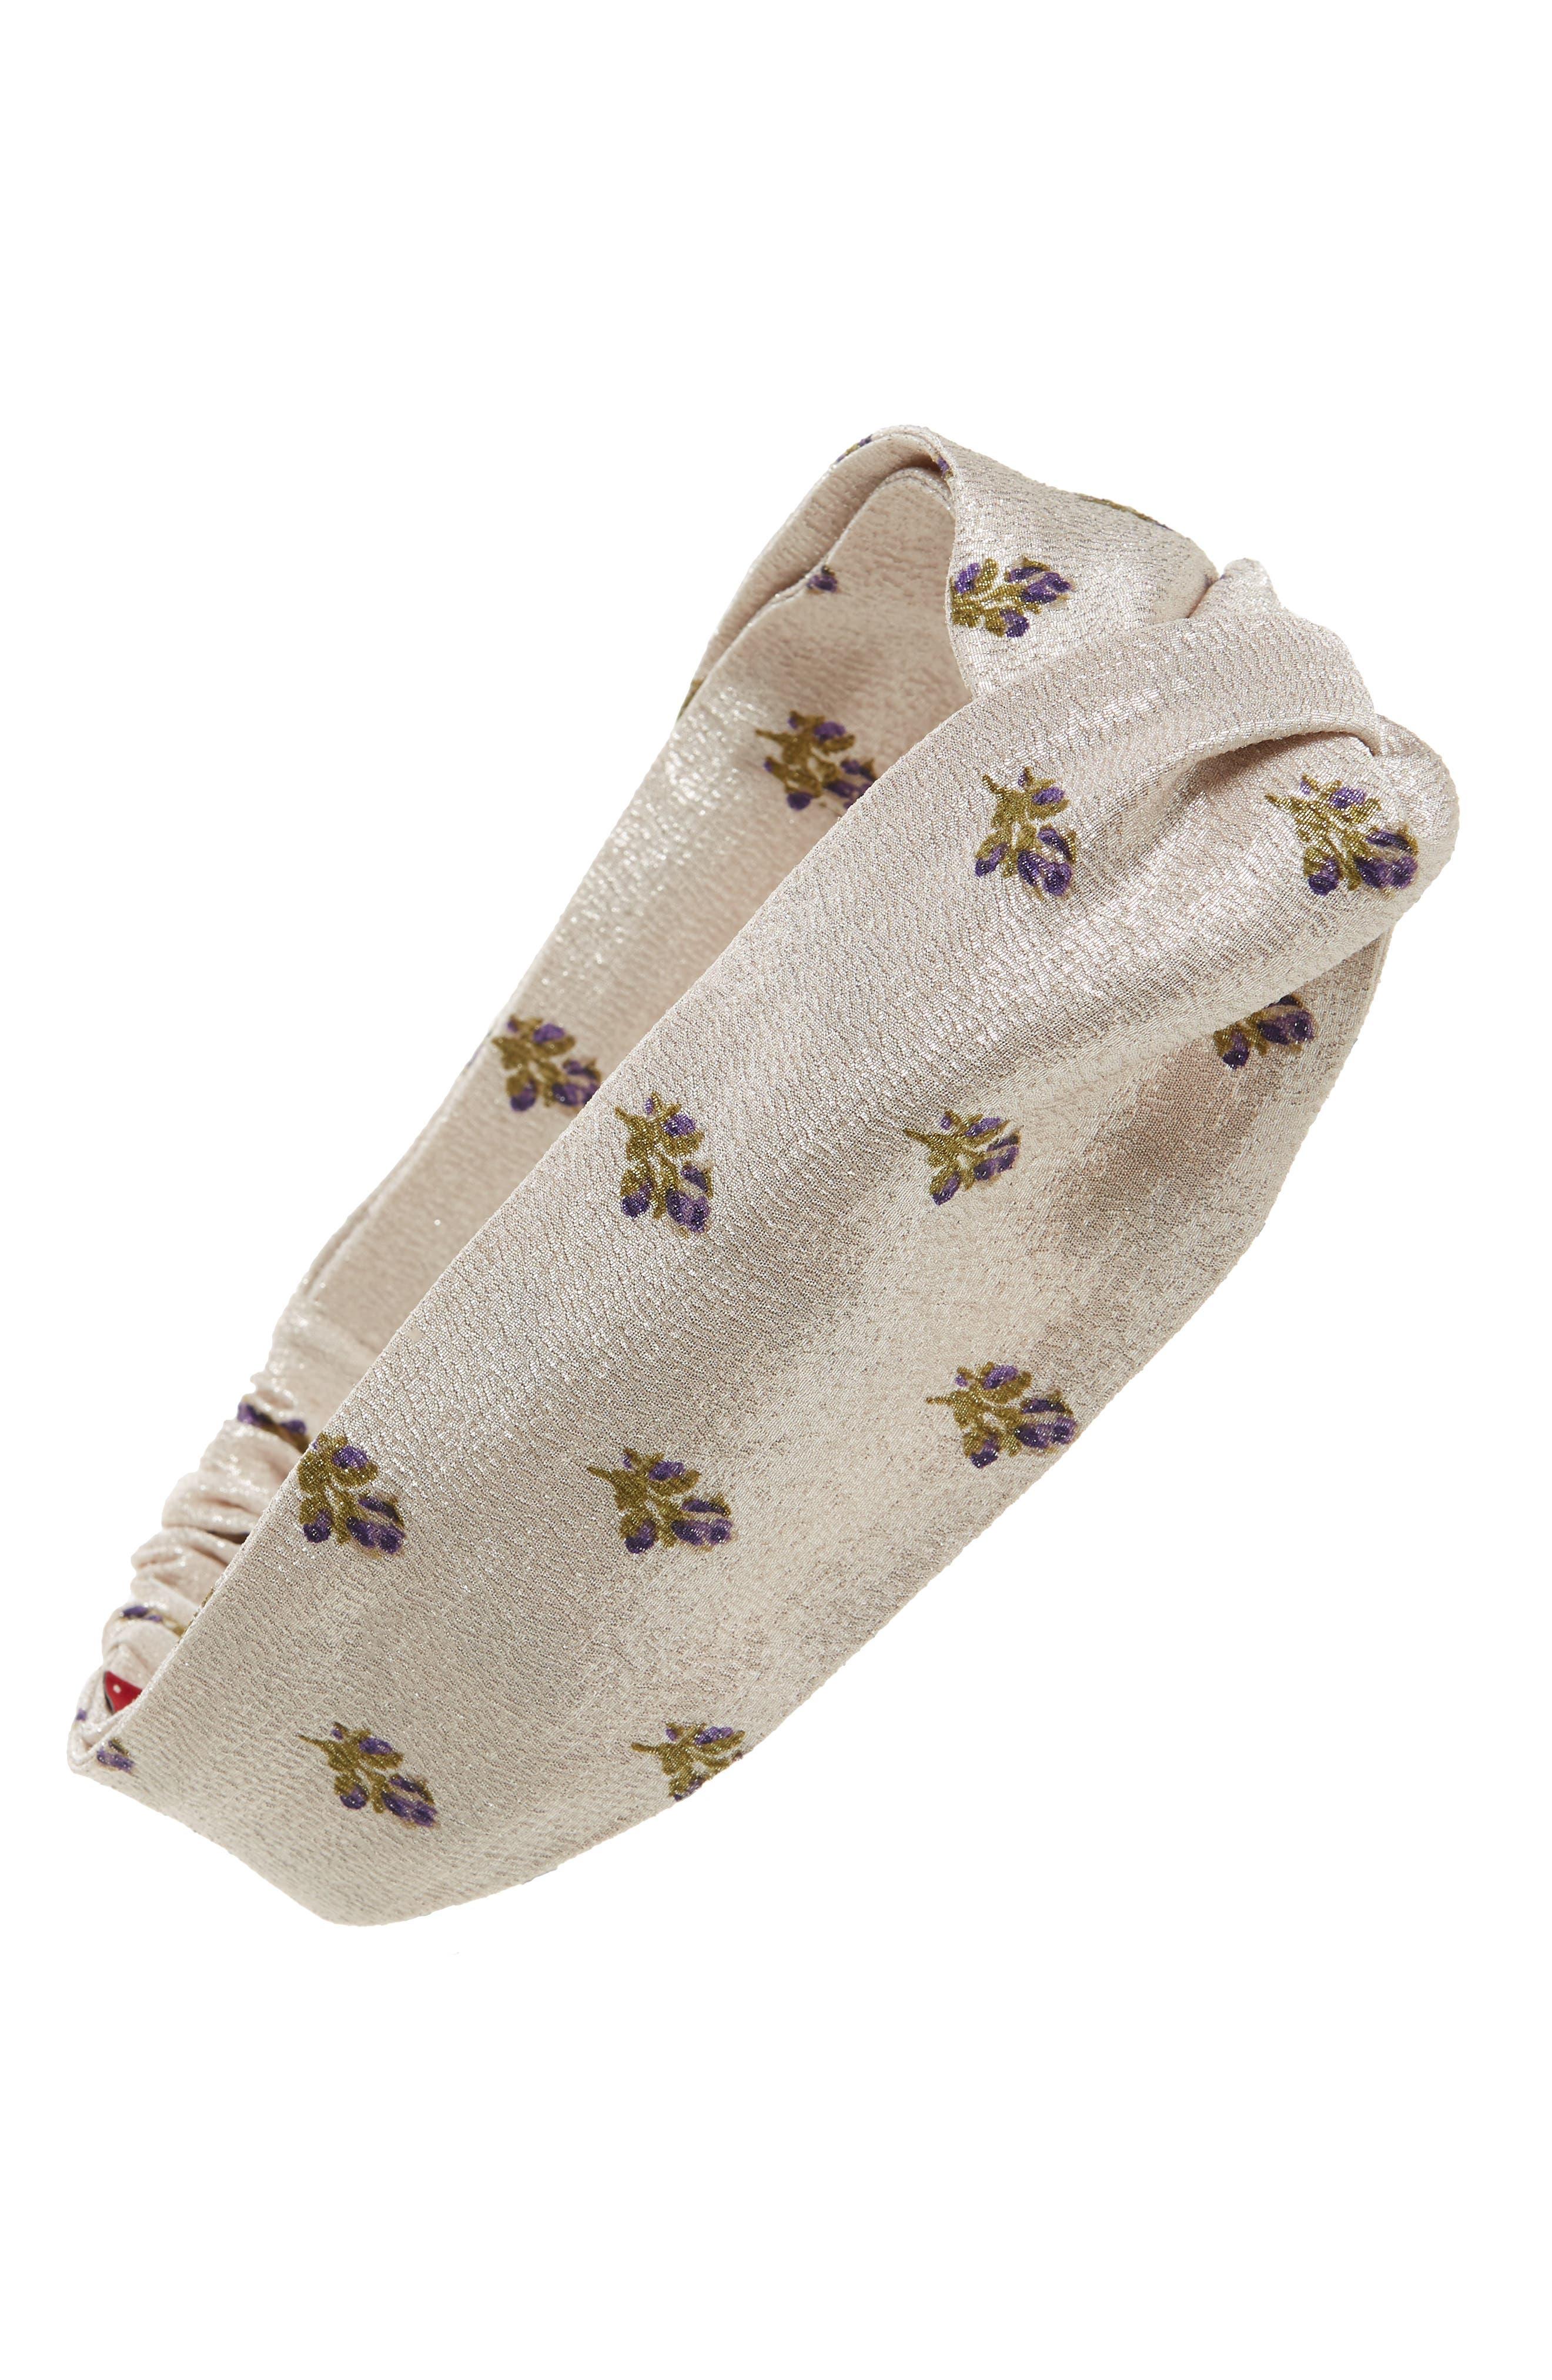 Petite Roses Headband,                             Main thumbnail 1, color,                             650